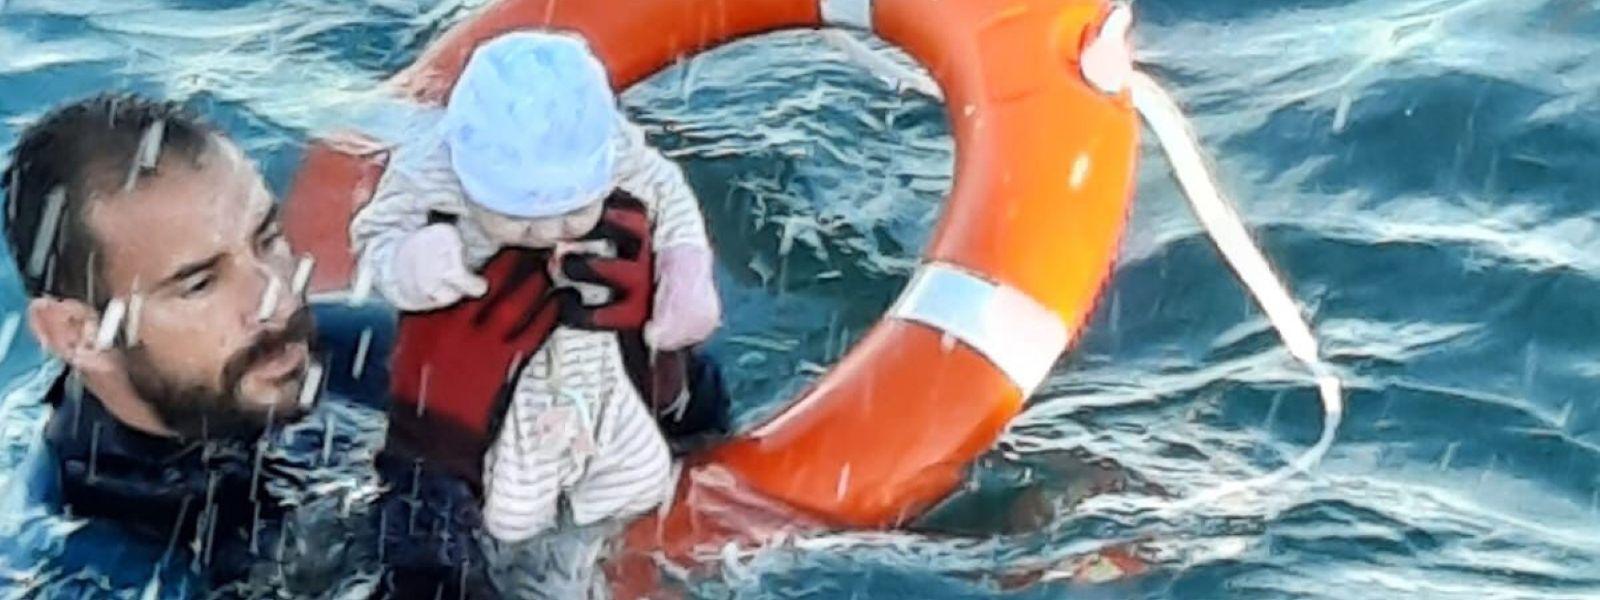 Ceuta: Auf diesem von der spanischen Guardia Civil zur Verfügung gestellten Bild rettet Juan Francisco Valle, Taucher der spanischen Polizeieinheit Guardia Civil, ein Baby im Meer inmitten der Flüchtlingskrise vor der Küste des spanischen Exklave Ceuta. Das Baby wurde von der im Wasser treibenden Mutter auf dem Rücken getragen.